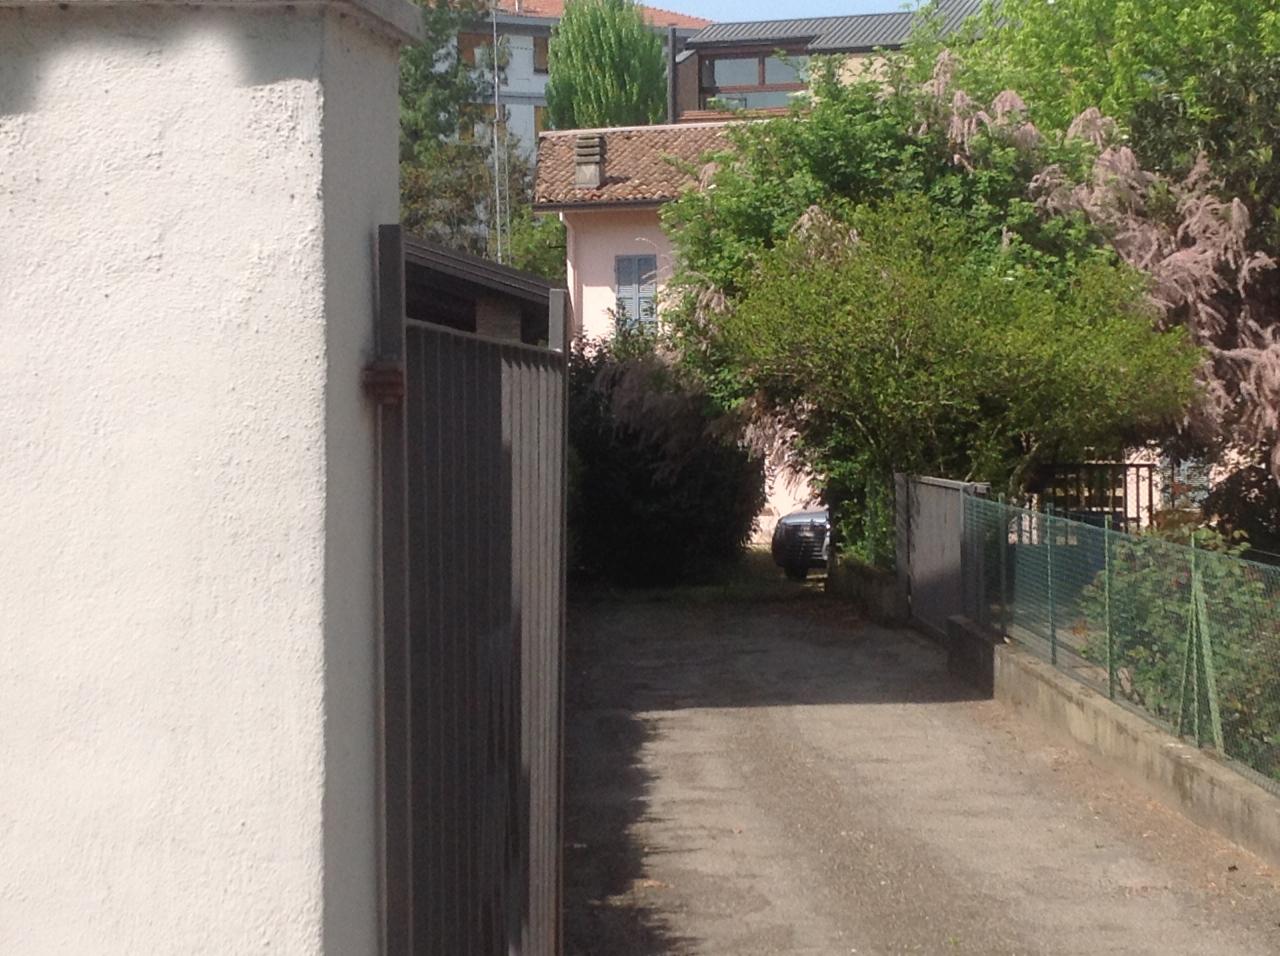 Soluzione Indipendente in vendita a Parma, 8 locali, prezzo € 370.000 | Cambio Casa.it